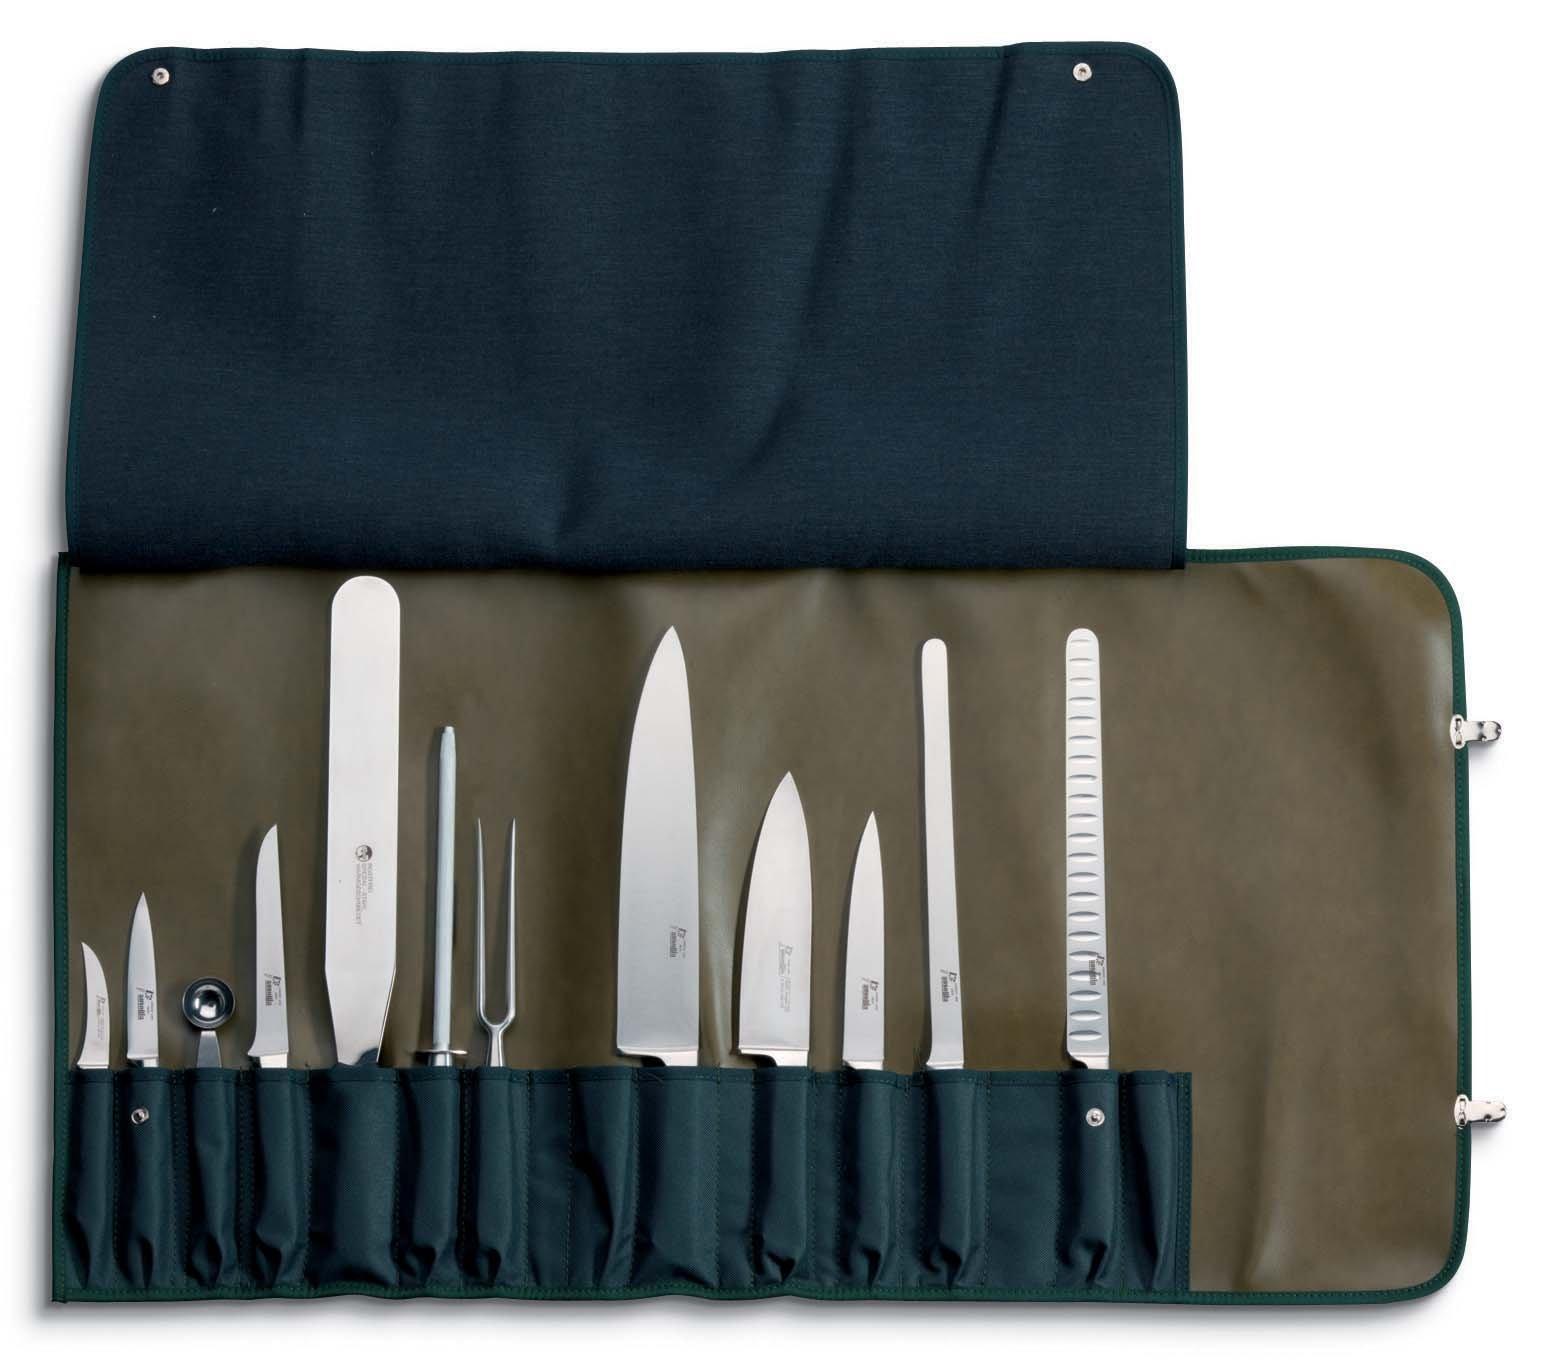 Compra AUSONIA - 96250 Juego DE Estuche Reforzado Profesional DE Cocinero con 10 Unidades DE Cuchillos DE Acero Inoxidable FORJADOS en Amazon.es